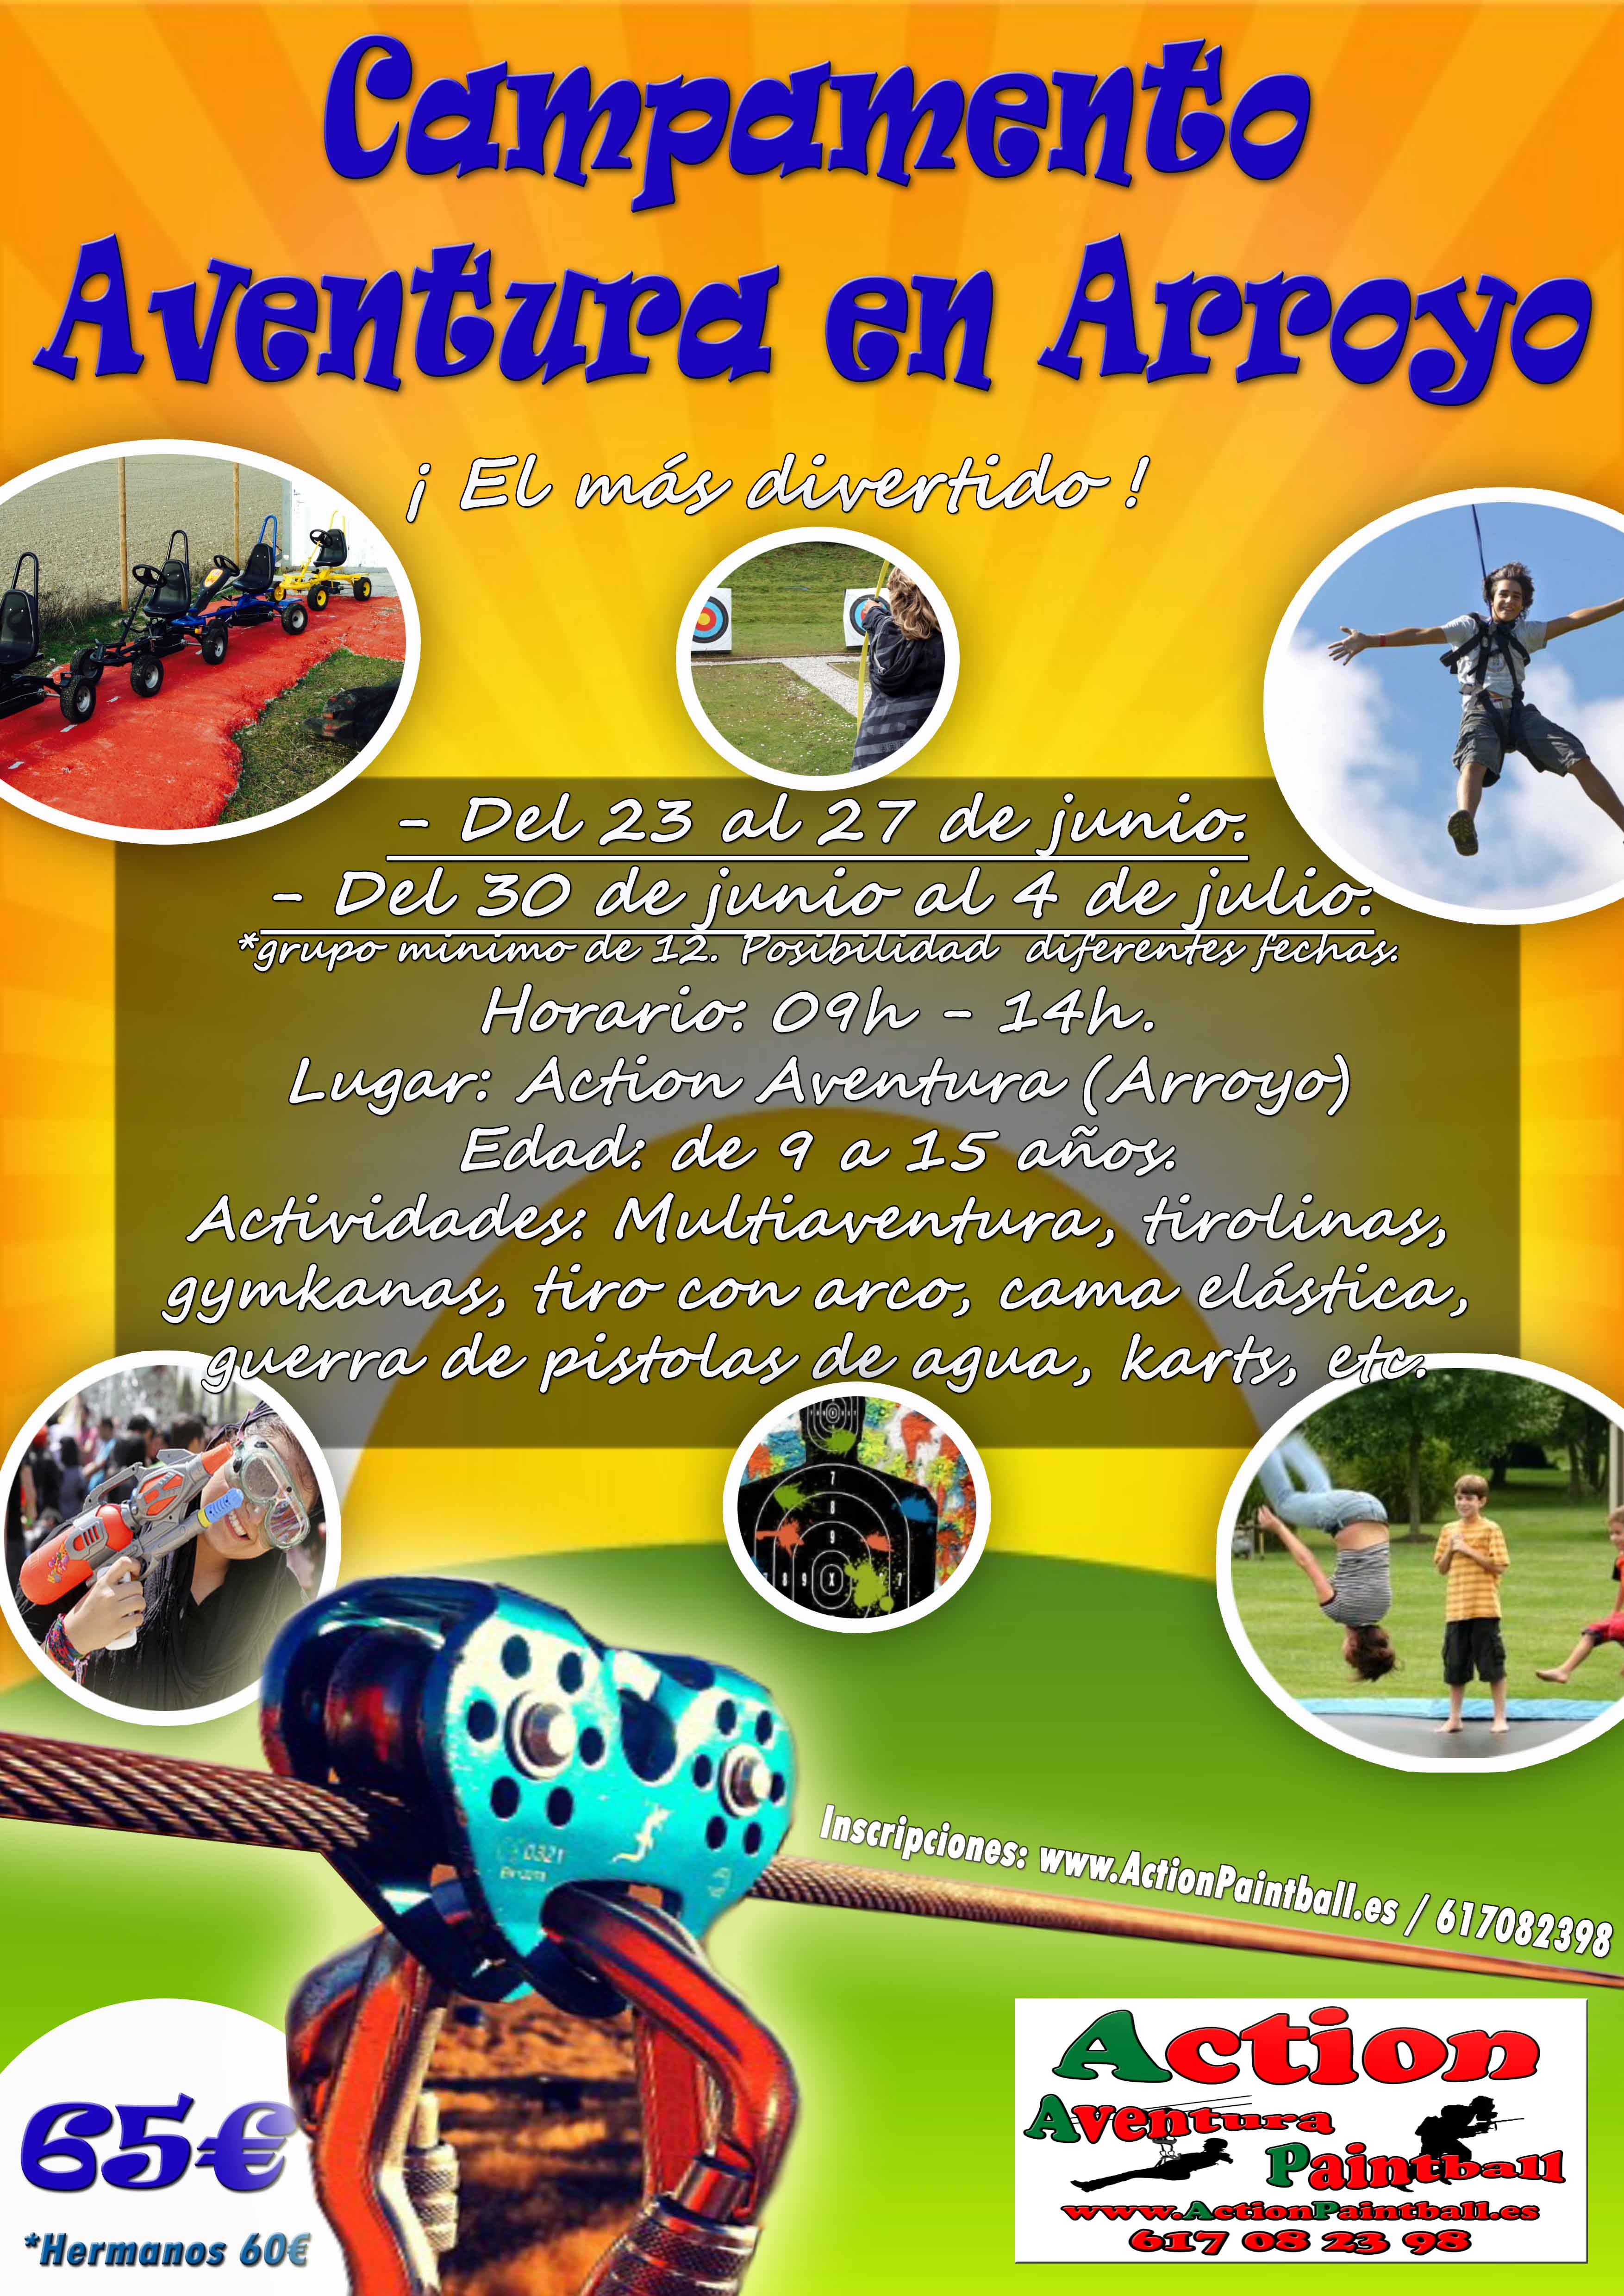 Campamento Aventura en Arroyo 2014